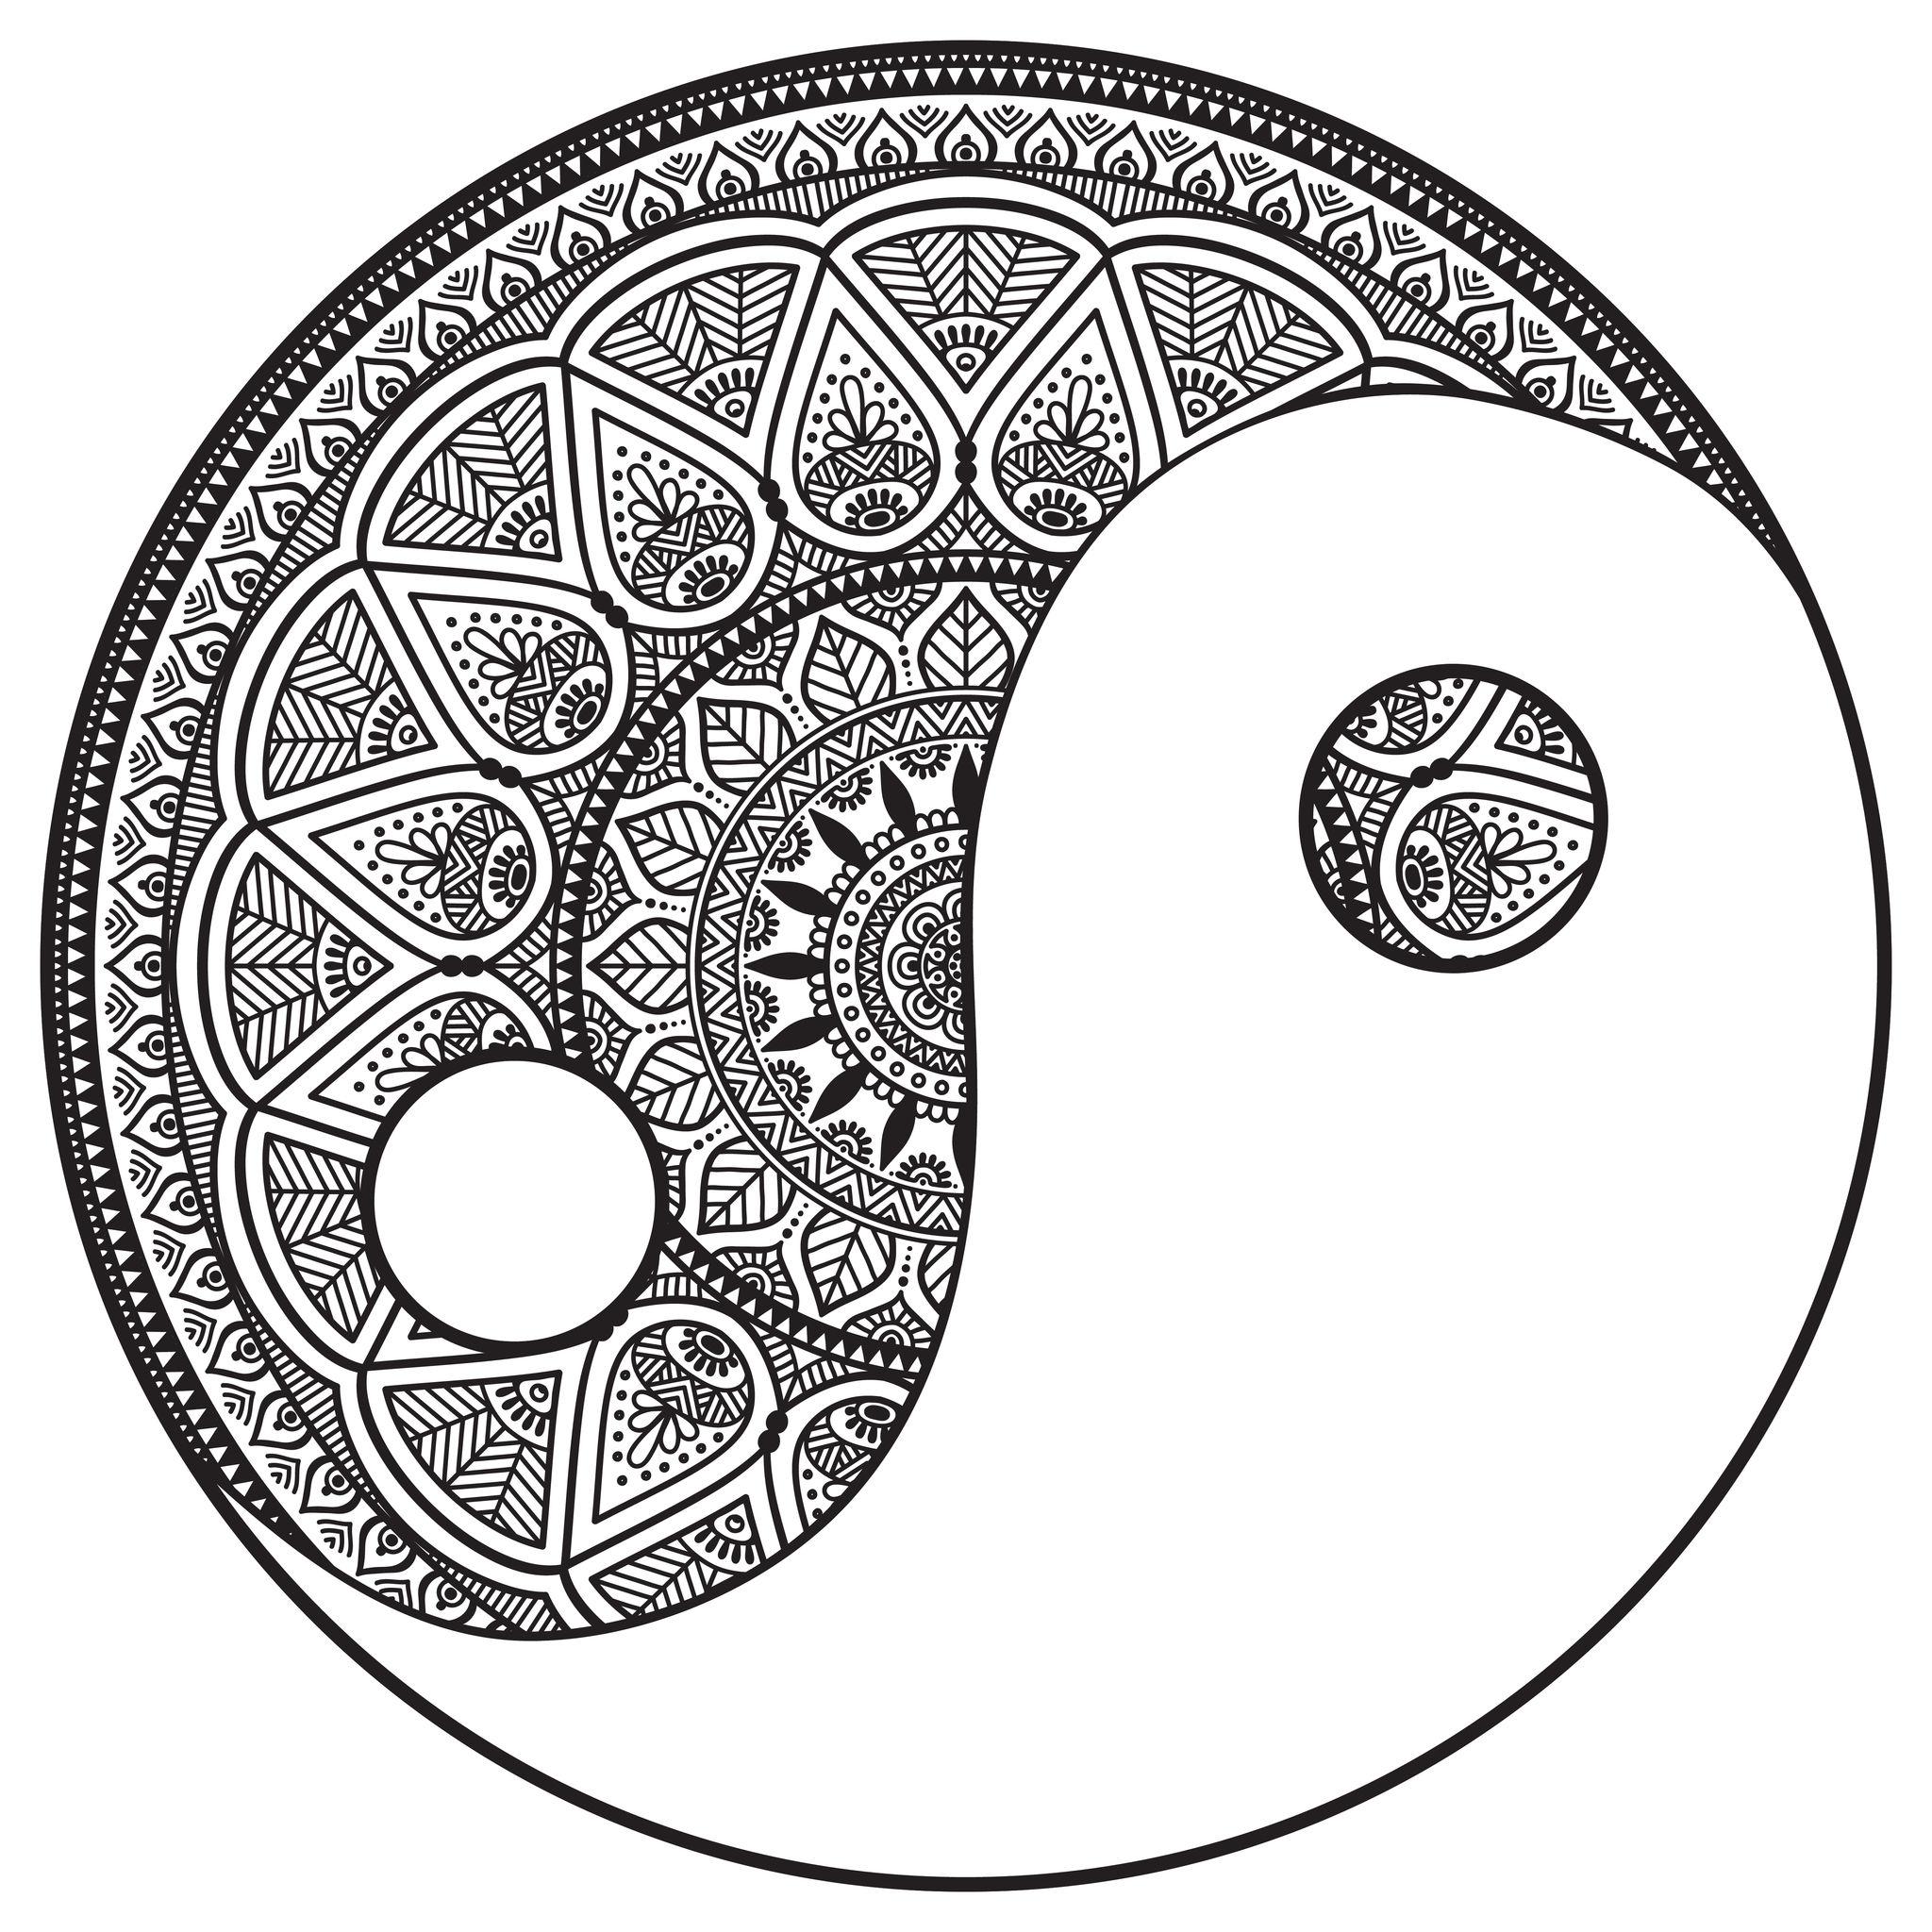 2048x2048 Mandala Yin And Yang To Color